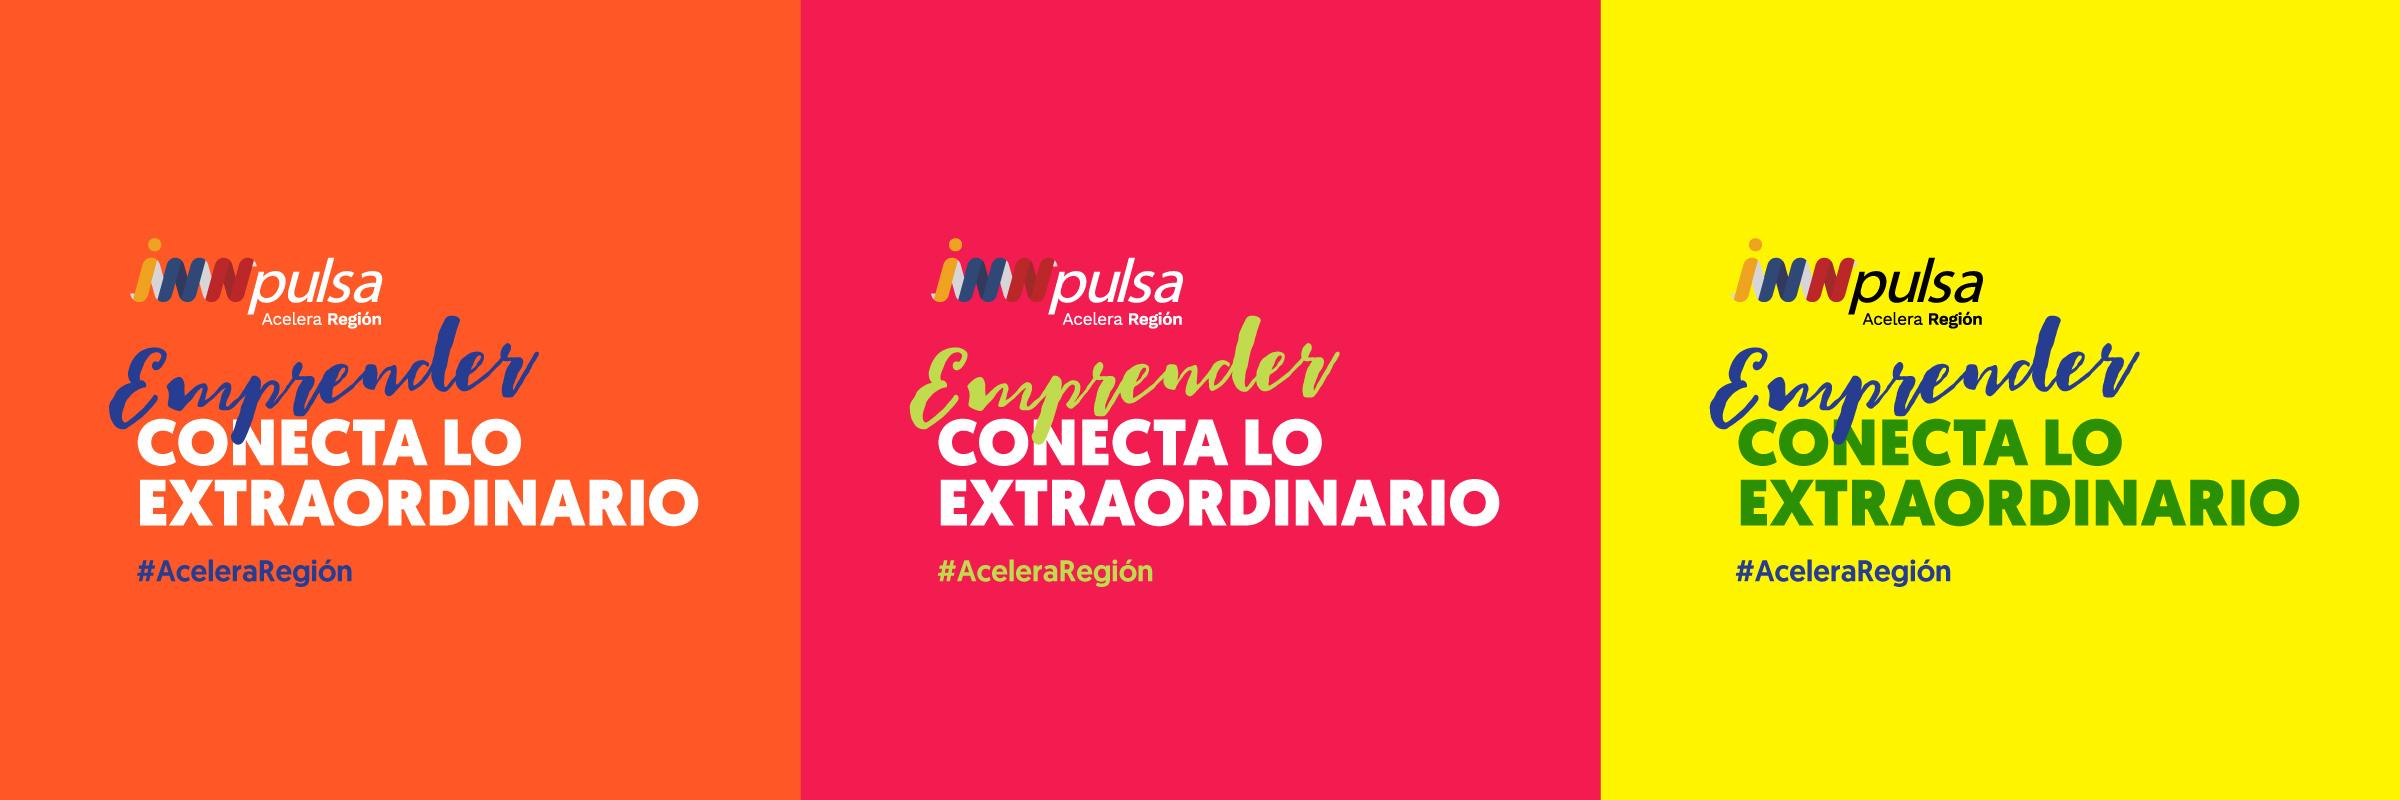 diseño, cali, branding, brands, marca, marcas, emprendimiento, emprender, empresas, comunicación, diseño gráfico, colombia, usa, branders, logotipos, logos, isologos, logo, acelera region, aceleraregion, innpulsa, innpulsacolombia, ministerio de comercio